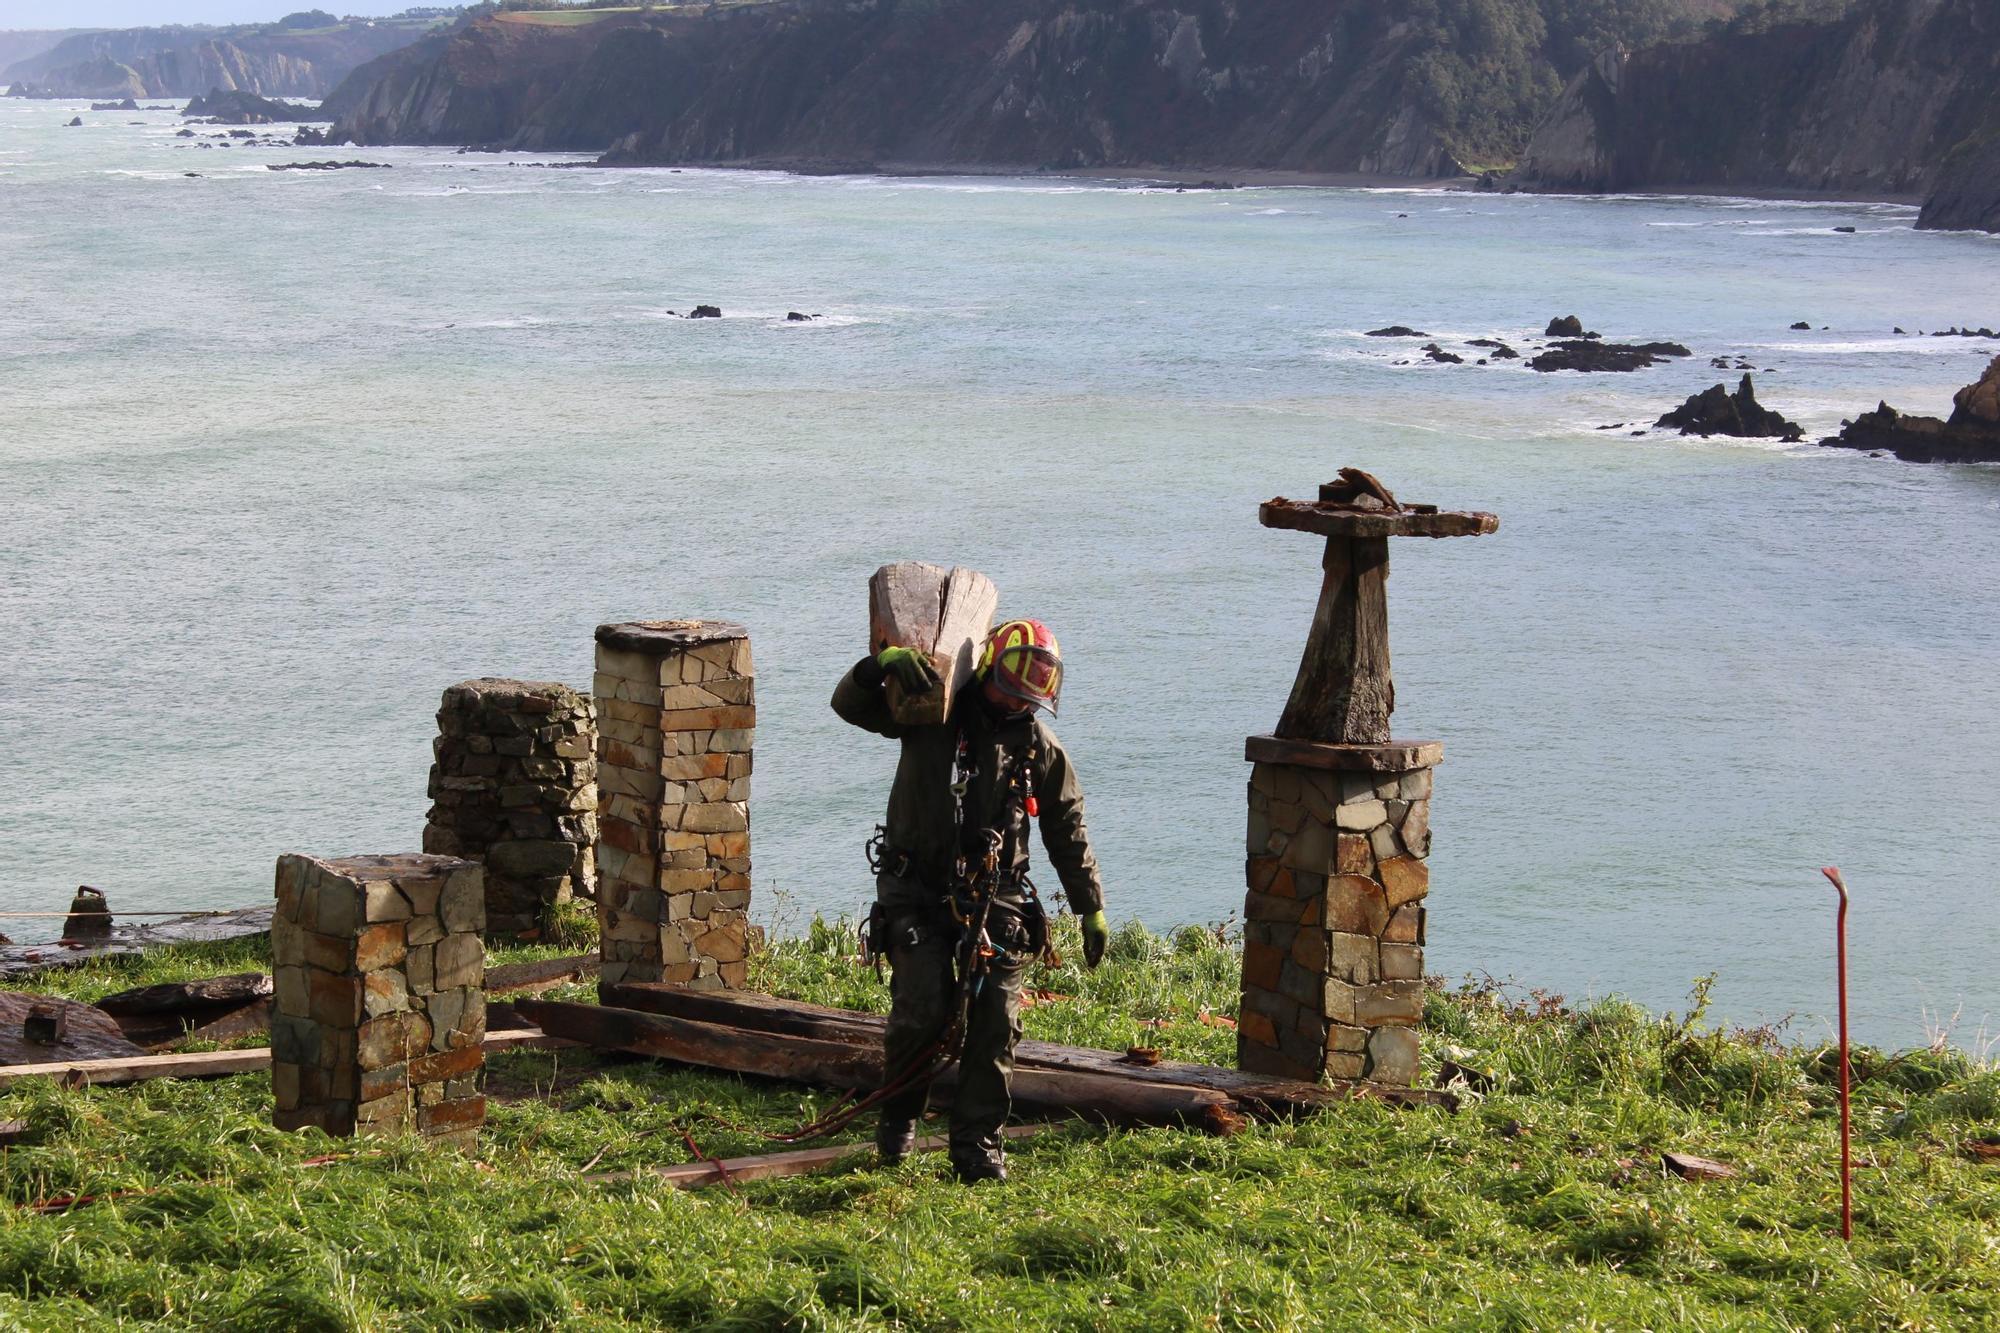 Así se terminó de desmontar el mítico hórreo de La Regalina, en riego de derrumbe